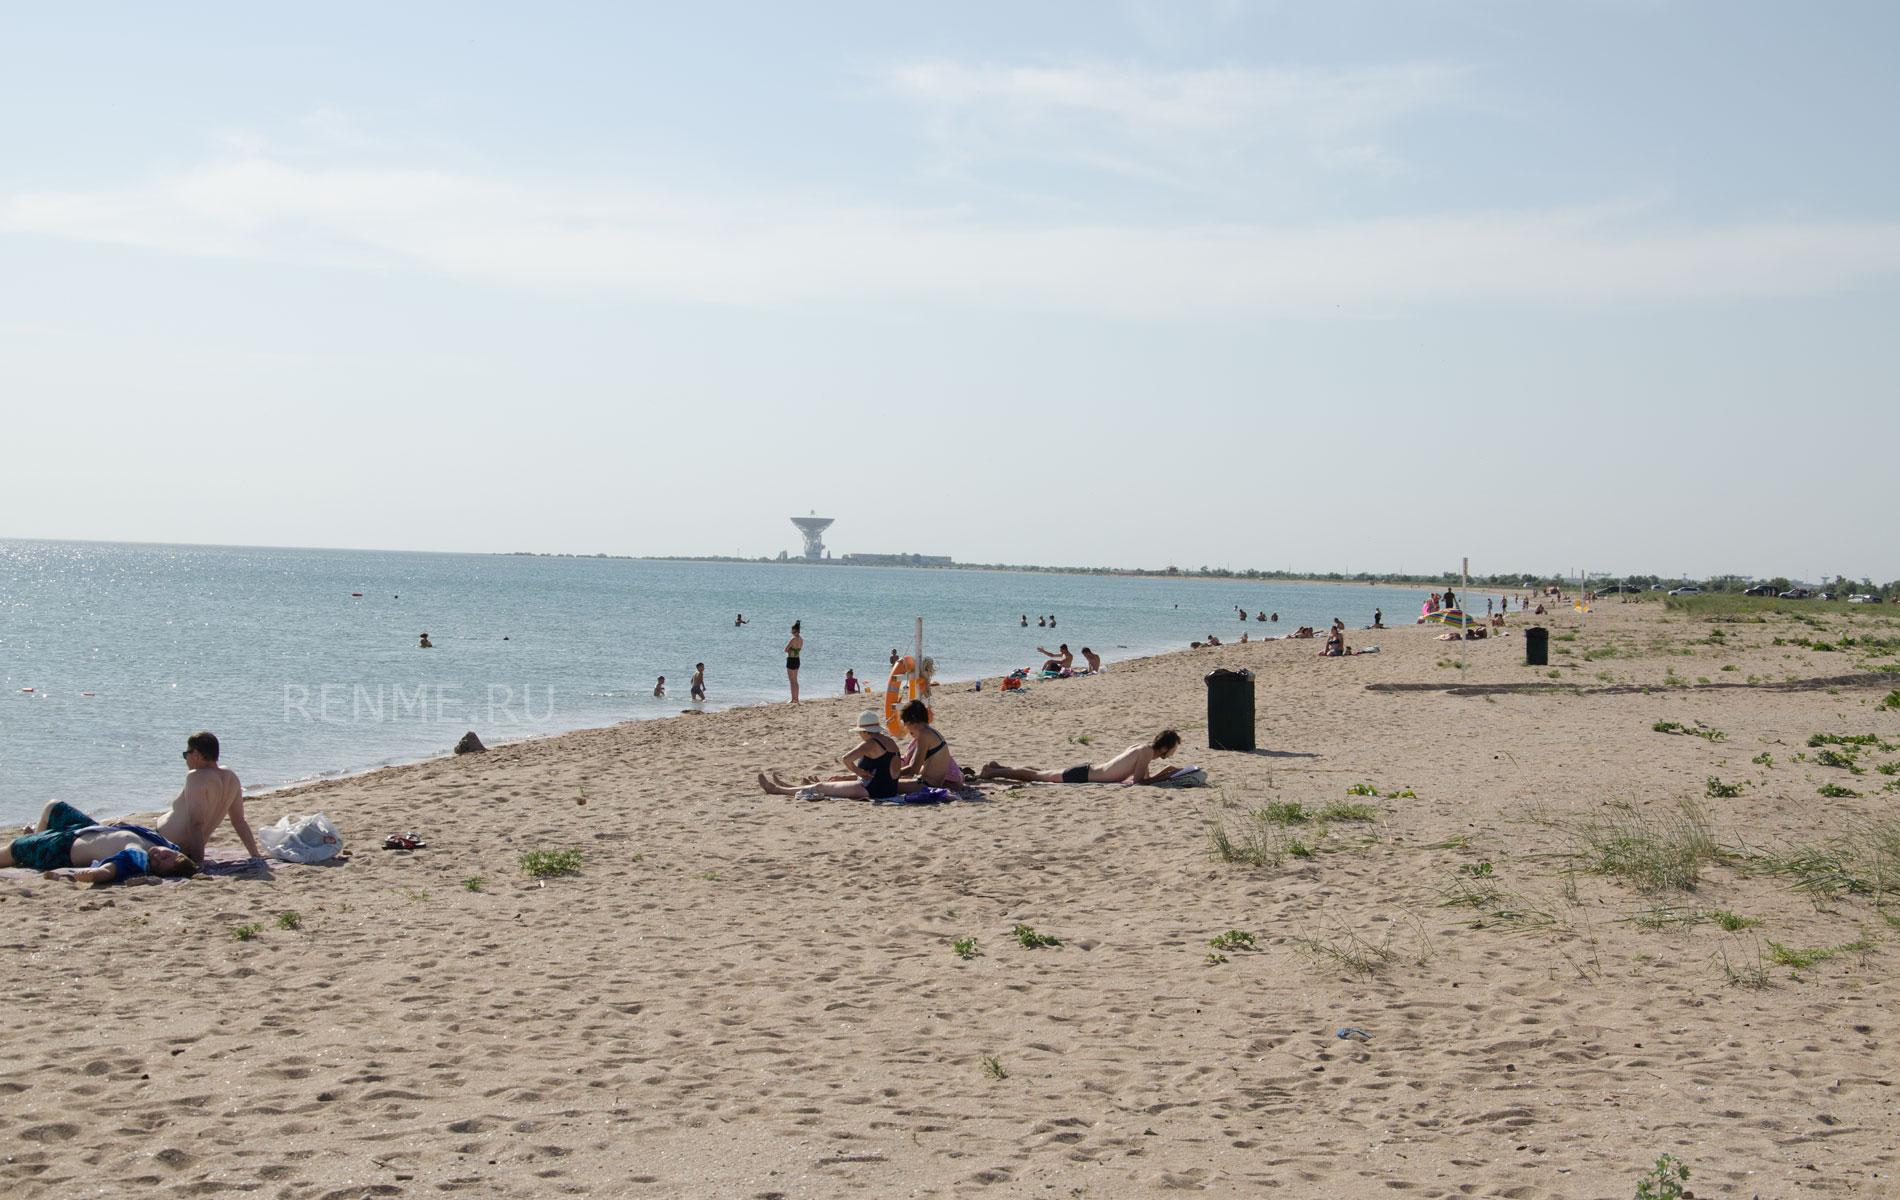 Дальше дикий пляж. Фото Заозёрного